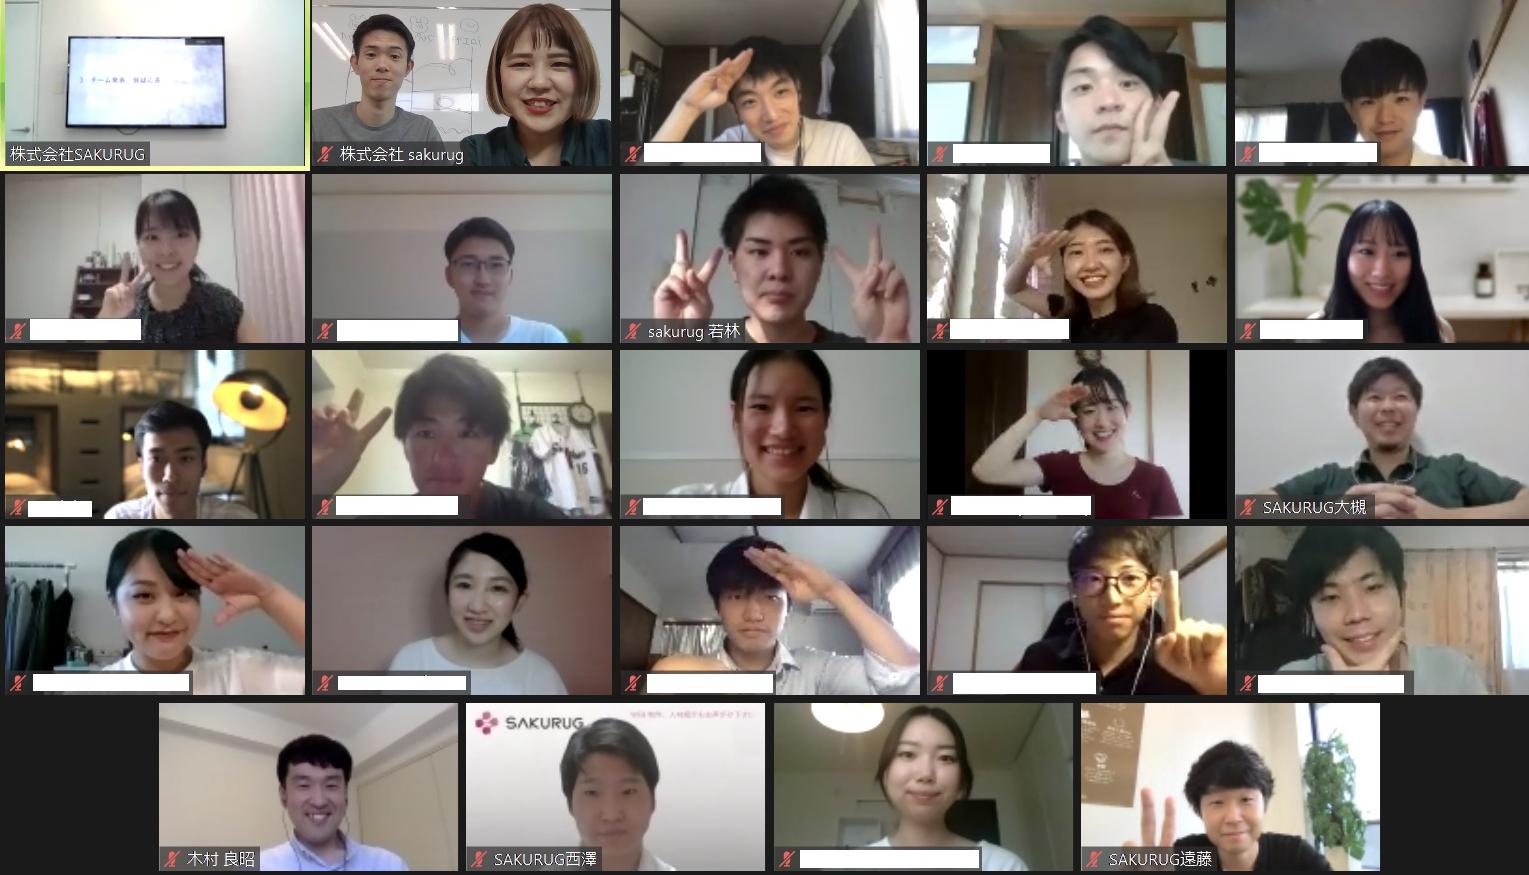 インターン 卒 サマー 22 【2022卒就活サイト】おすすめ!就活サイトを利用して5社以上から内定した方法を紹介